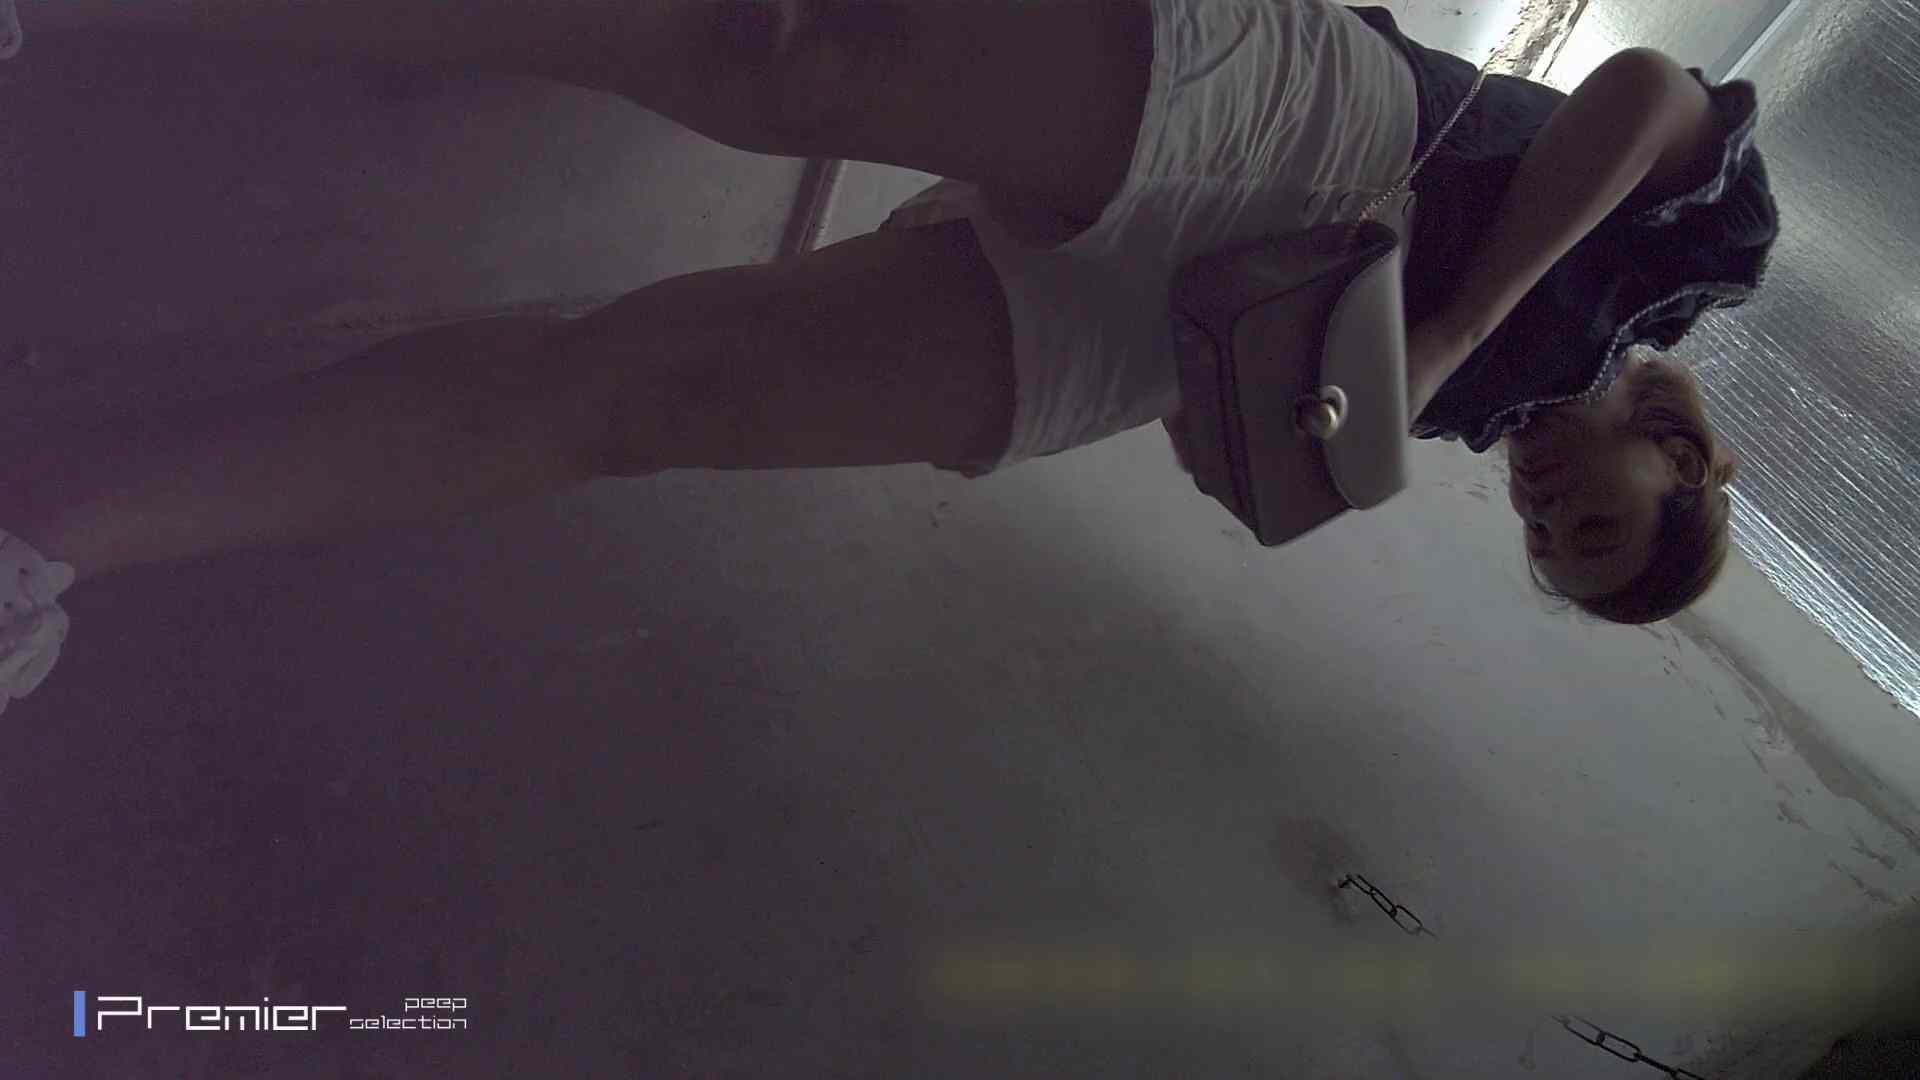 トイレシーンを密着盗撮!! 美女の痴態に密着!Vol.20 OL女体 AV無料動画キャプチャ 86連発 18